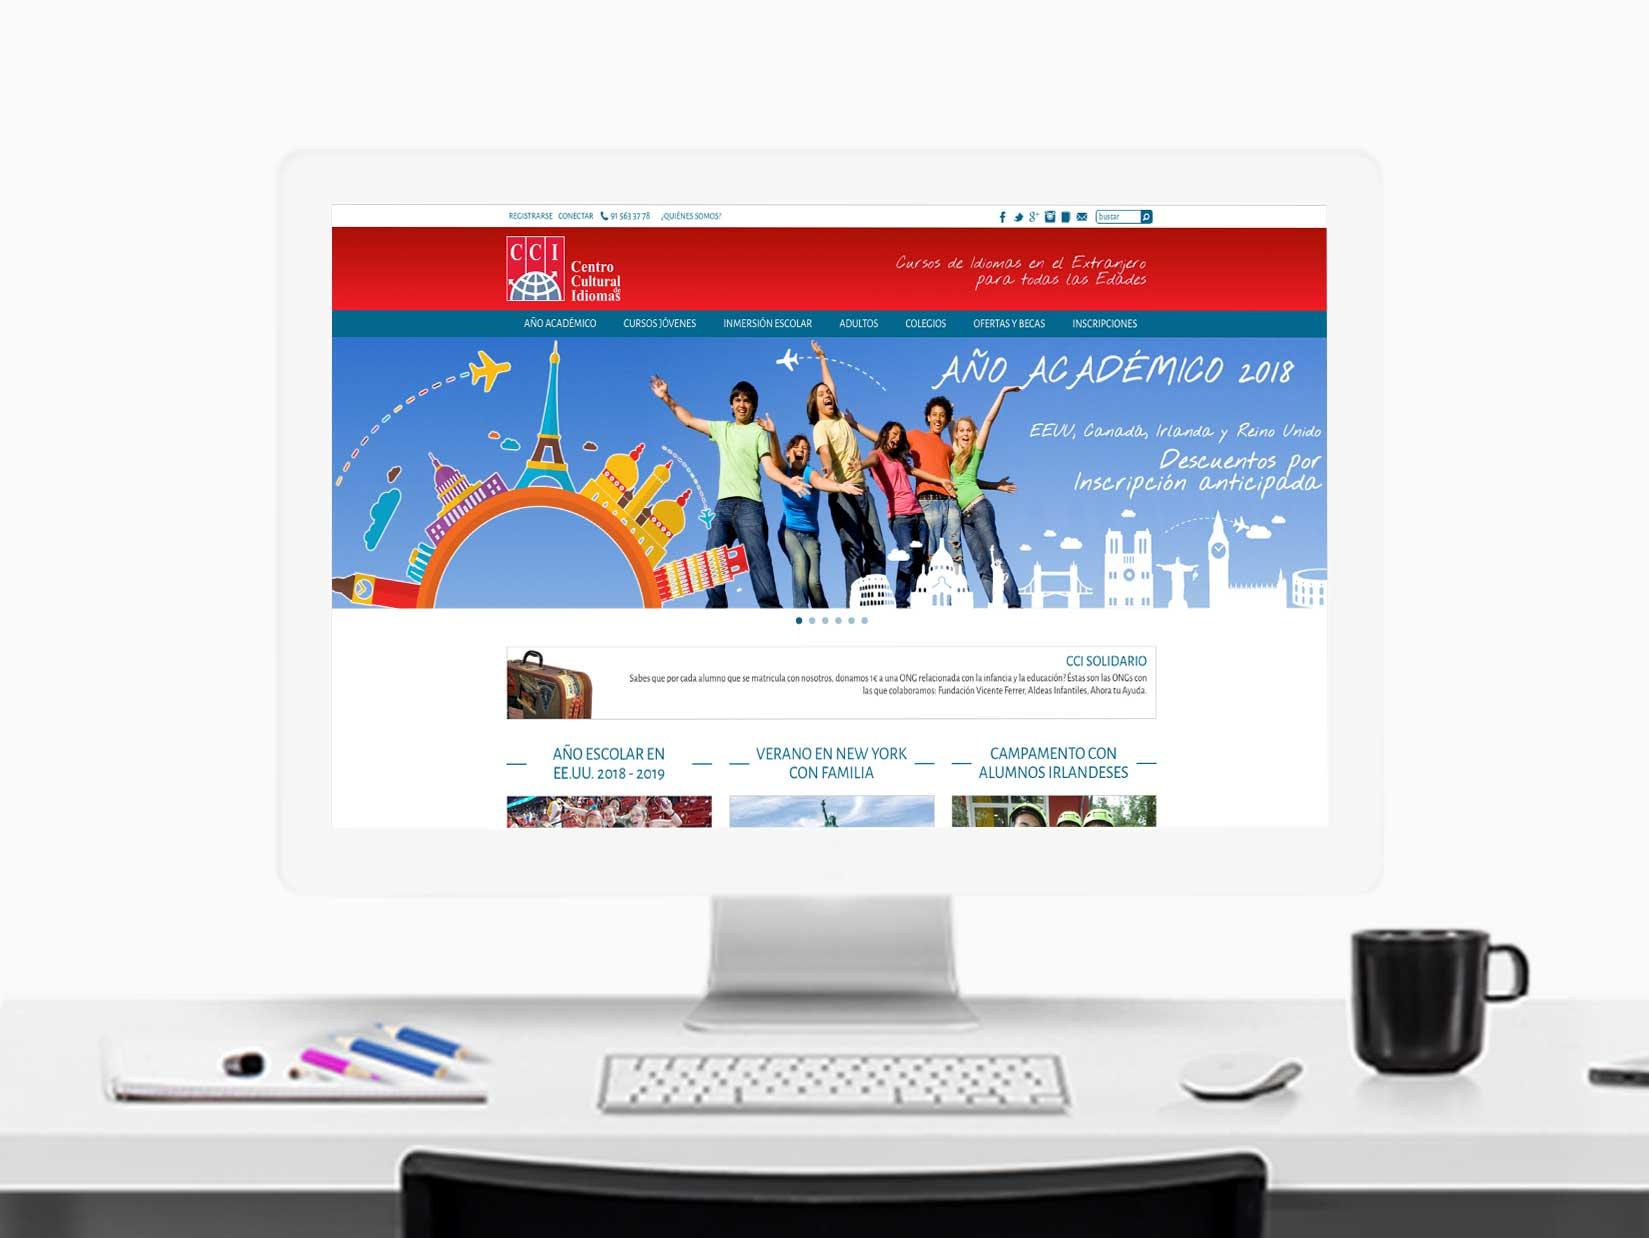 Diseño Web: diseño del sitio web responsive para CCI Idiomas.